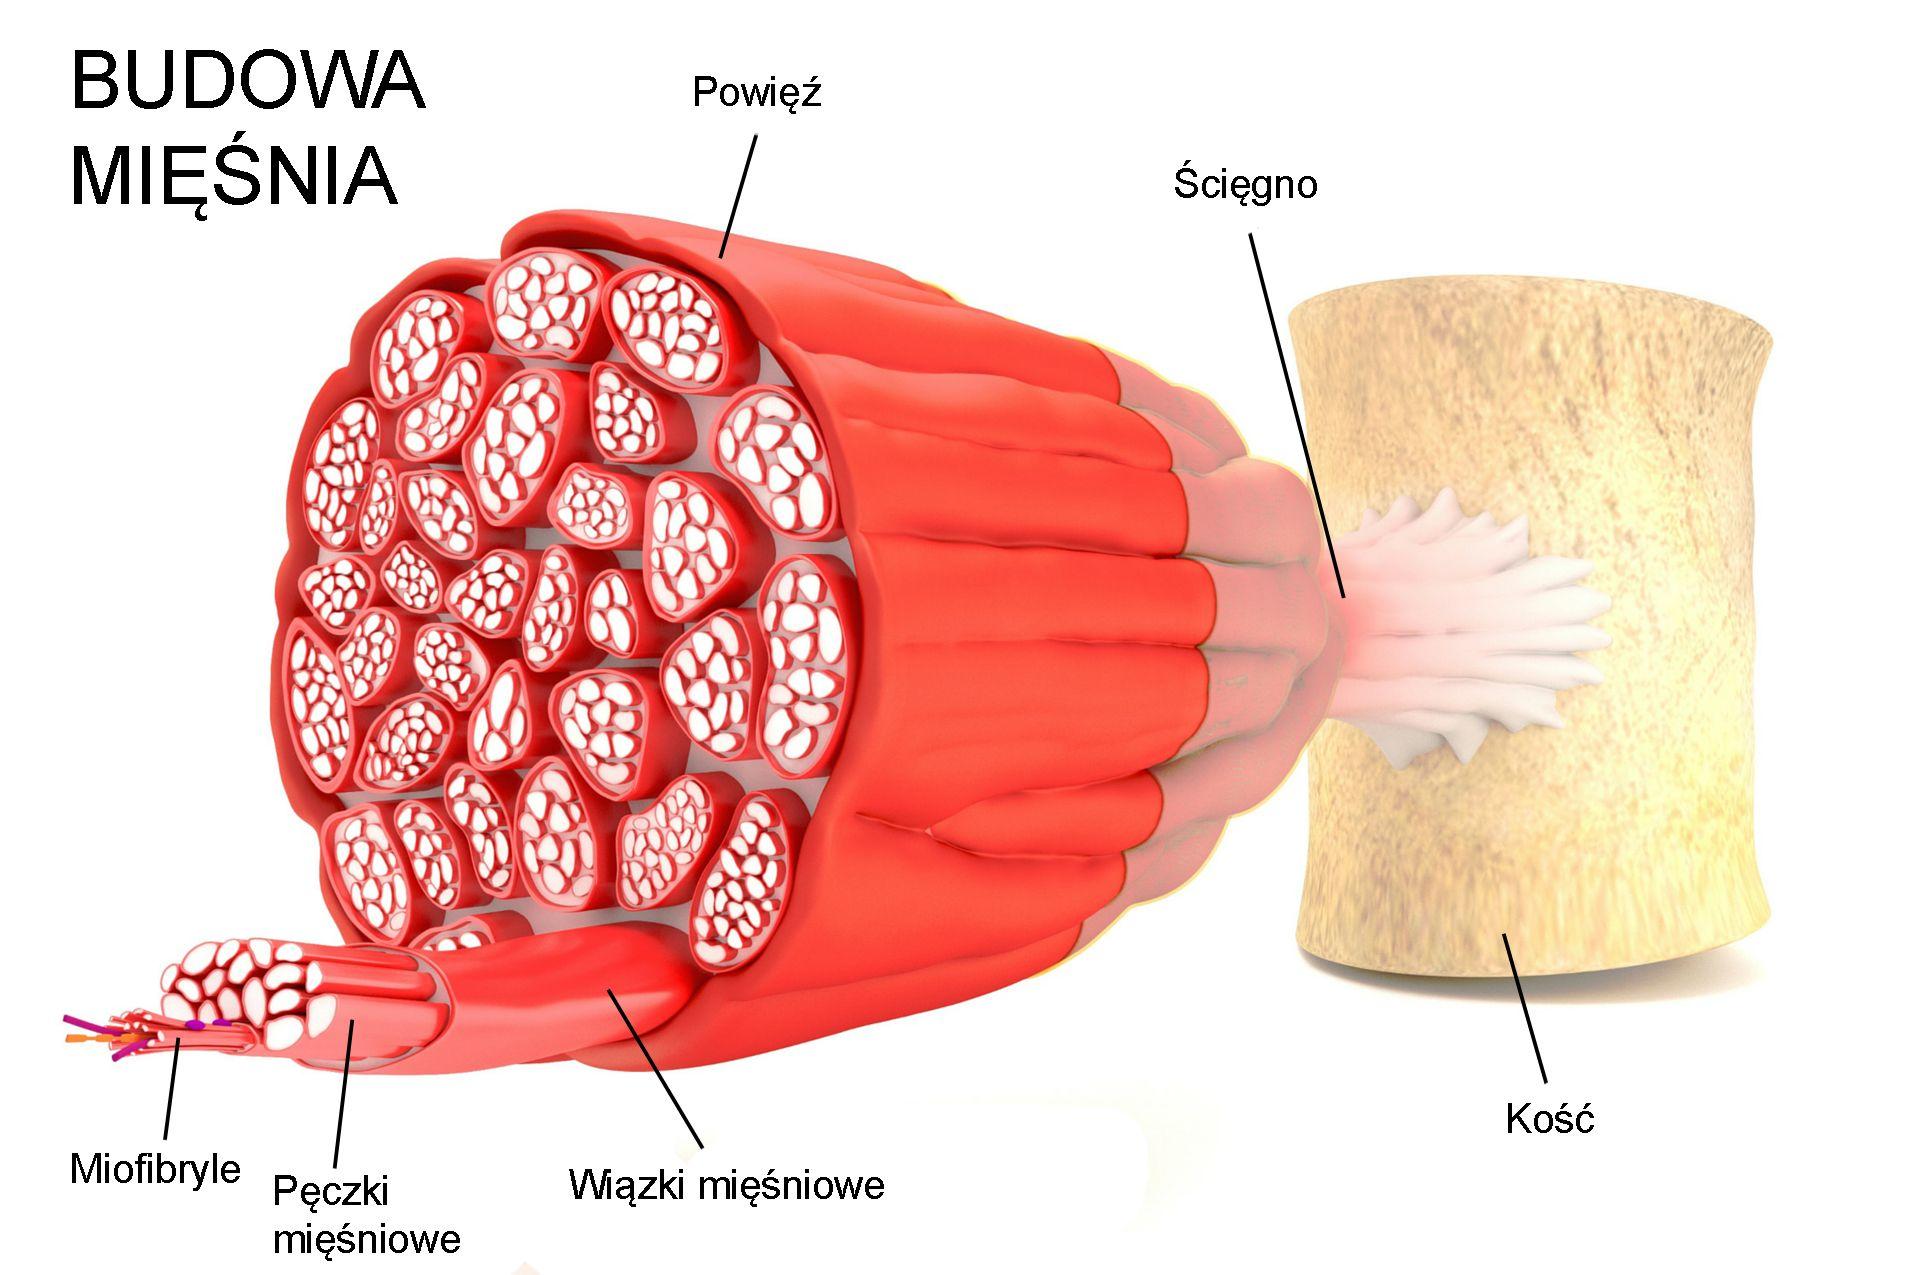 Budowa mięśnia